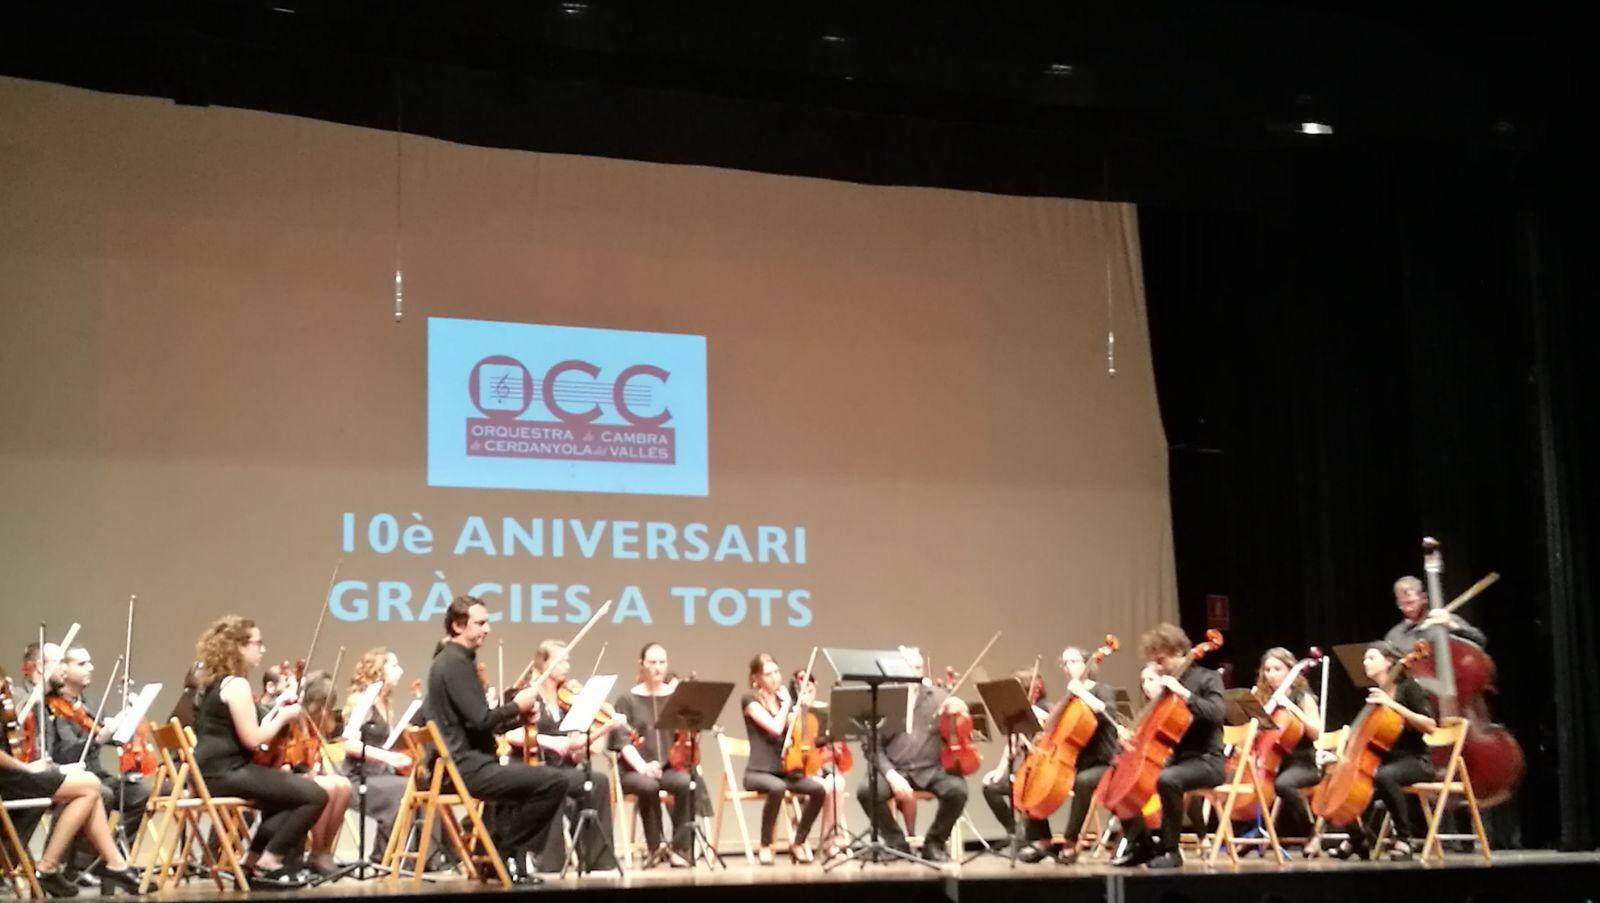 concert amb la OCC